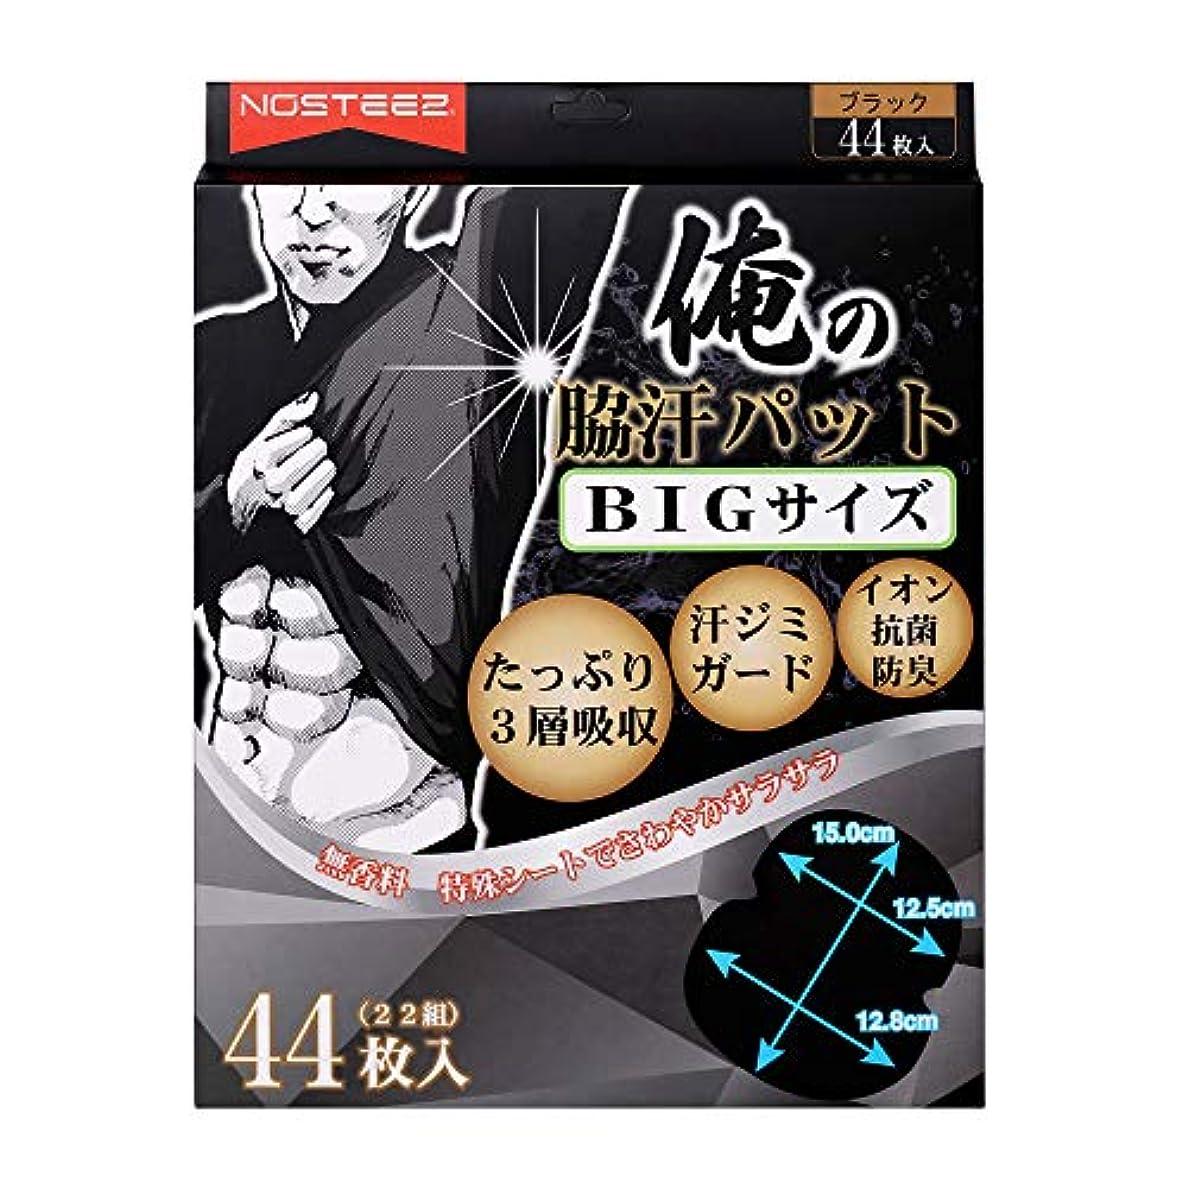 常に資料木俺の 脇汗パッド わきあせパット あせわきパッド メンズ BIGサイズ 黒44枚